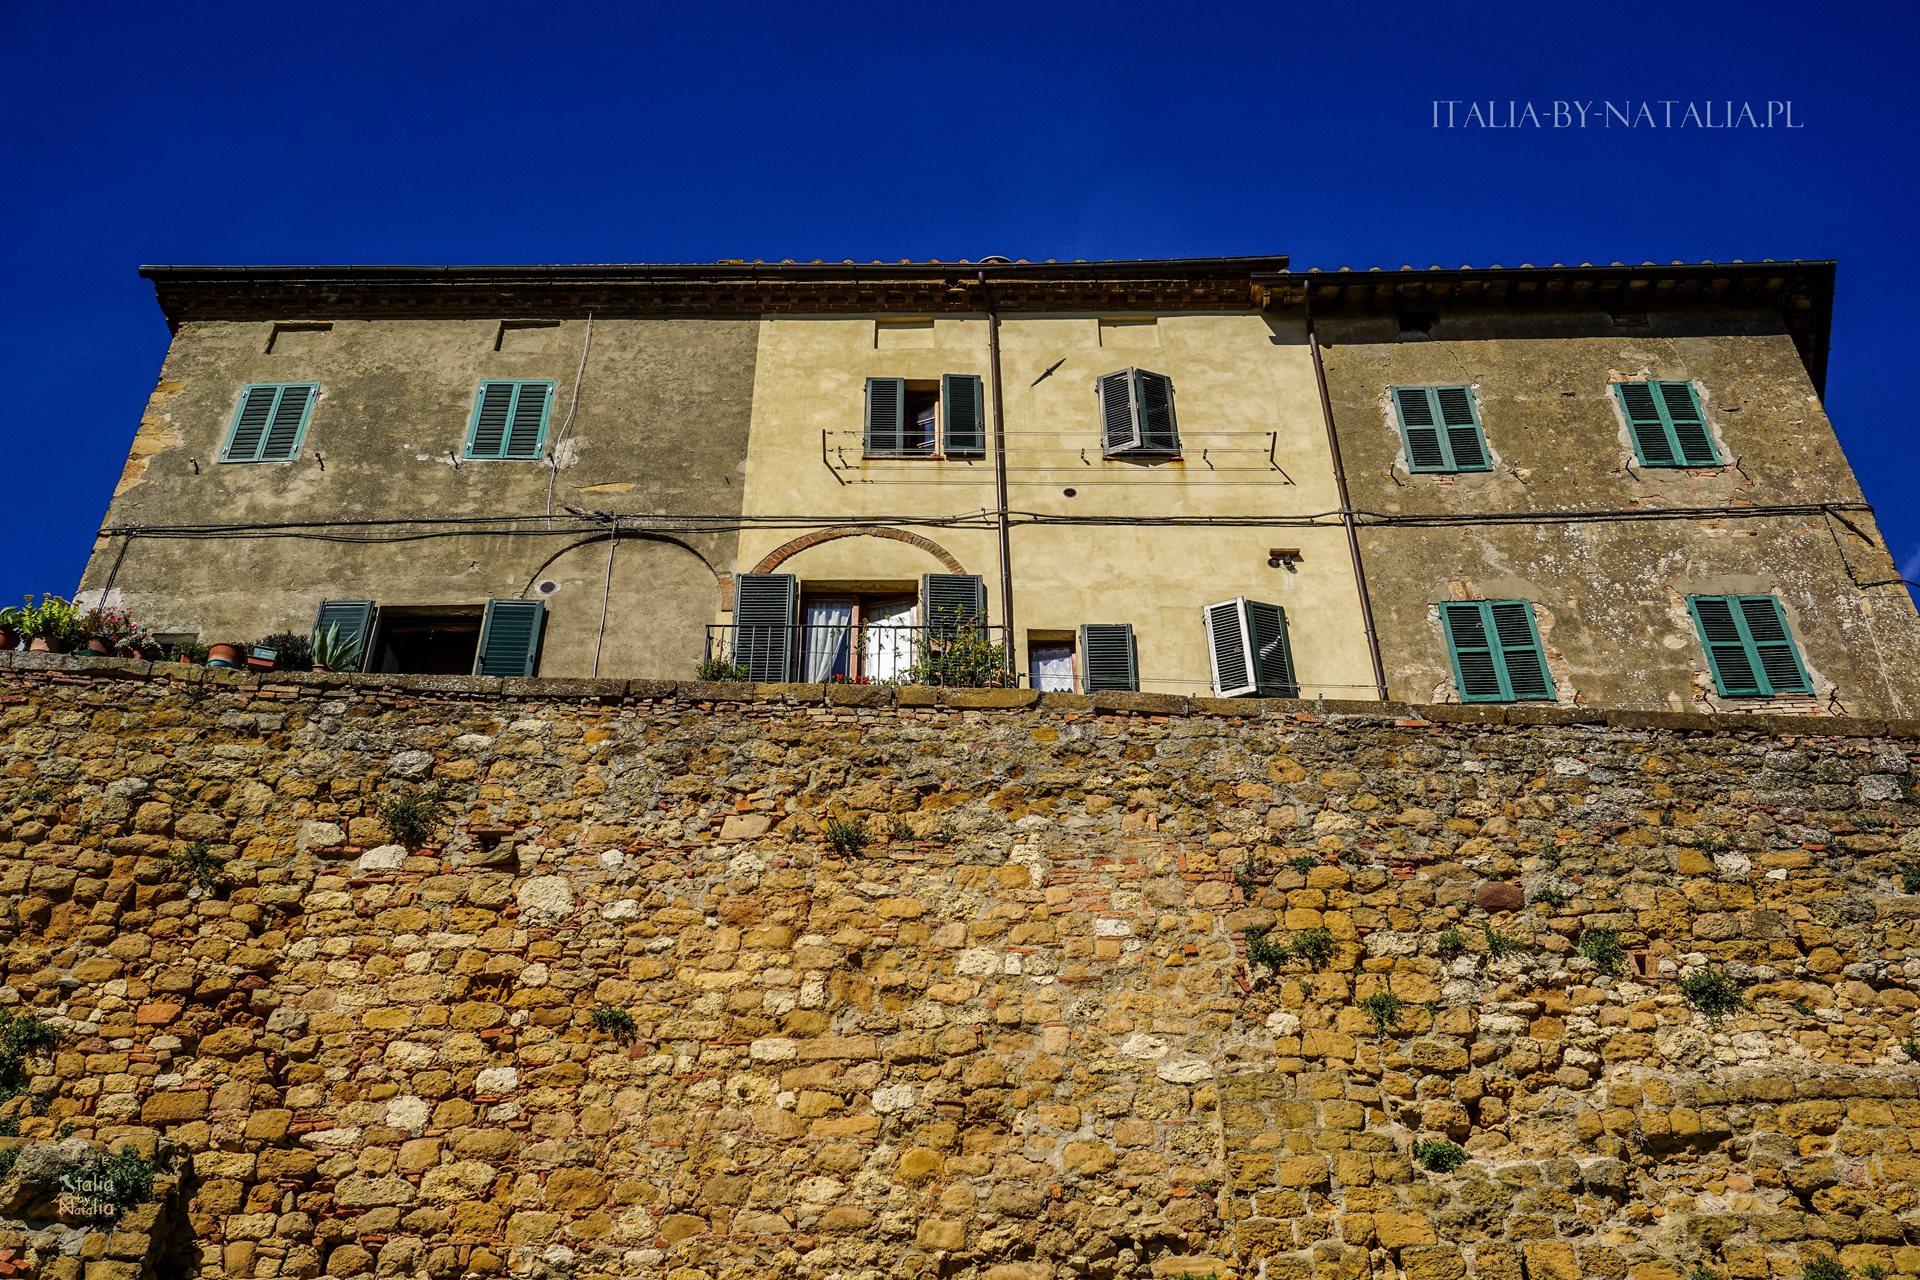 Pienza piękne miasteczko na wzgórzu perła Toskanii pośród wzgórz Val d'Orcia